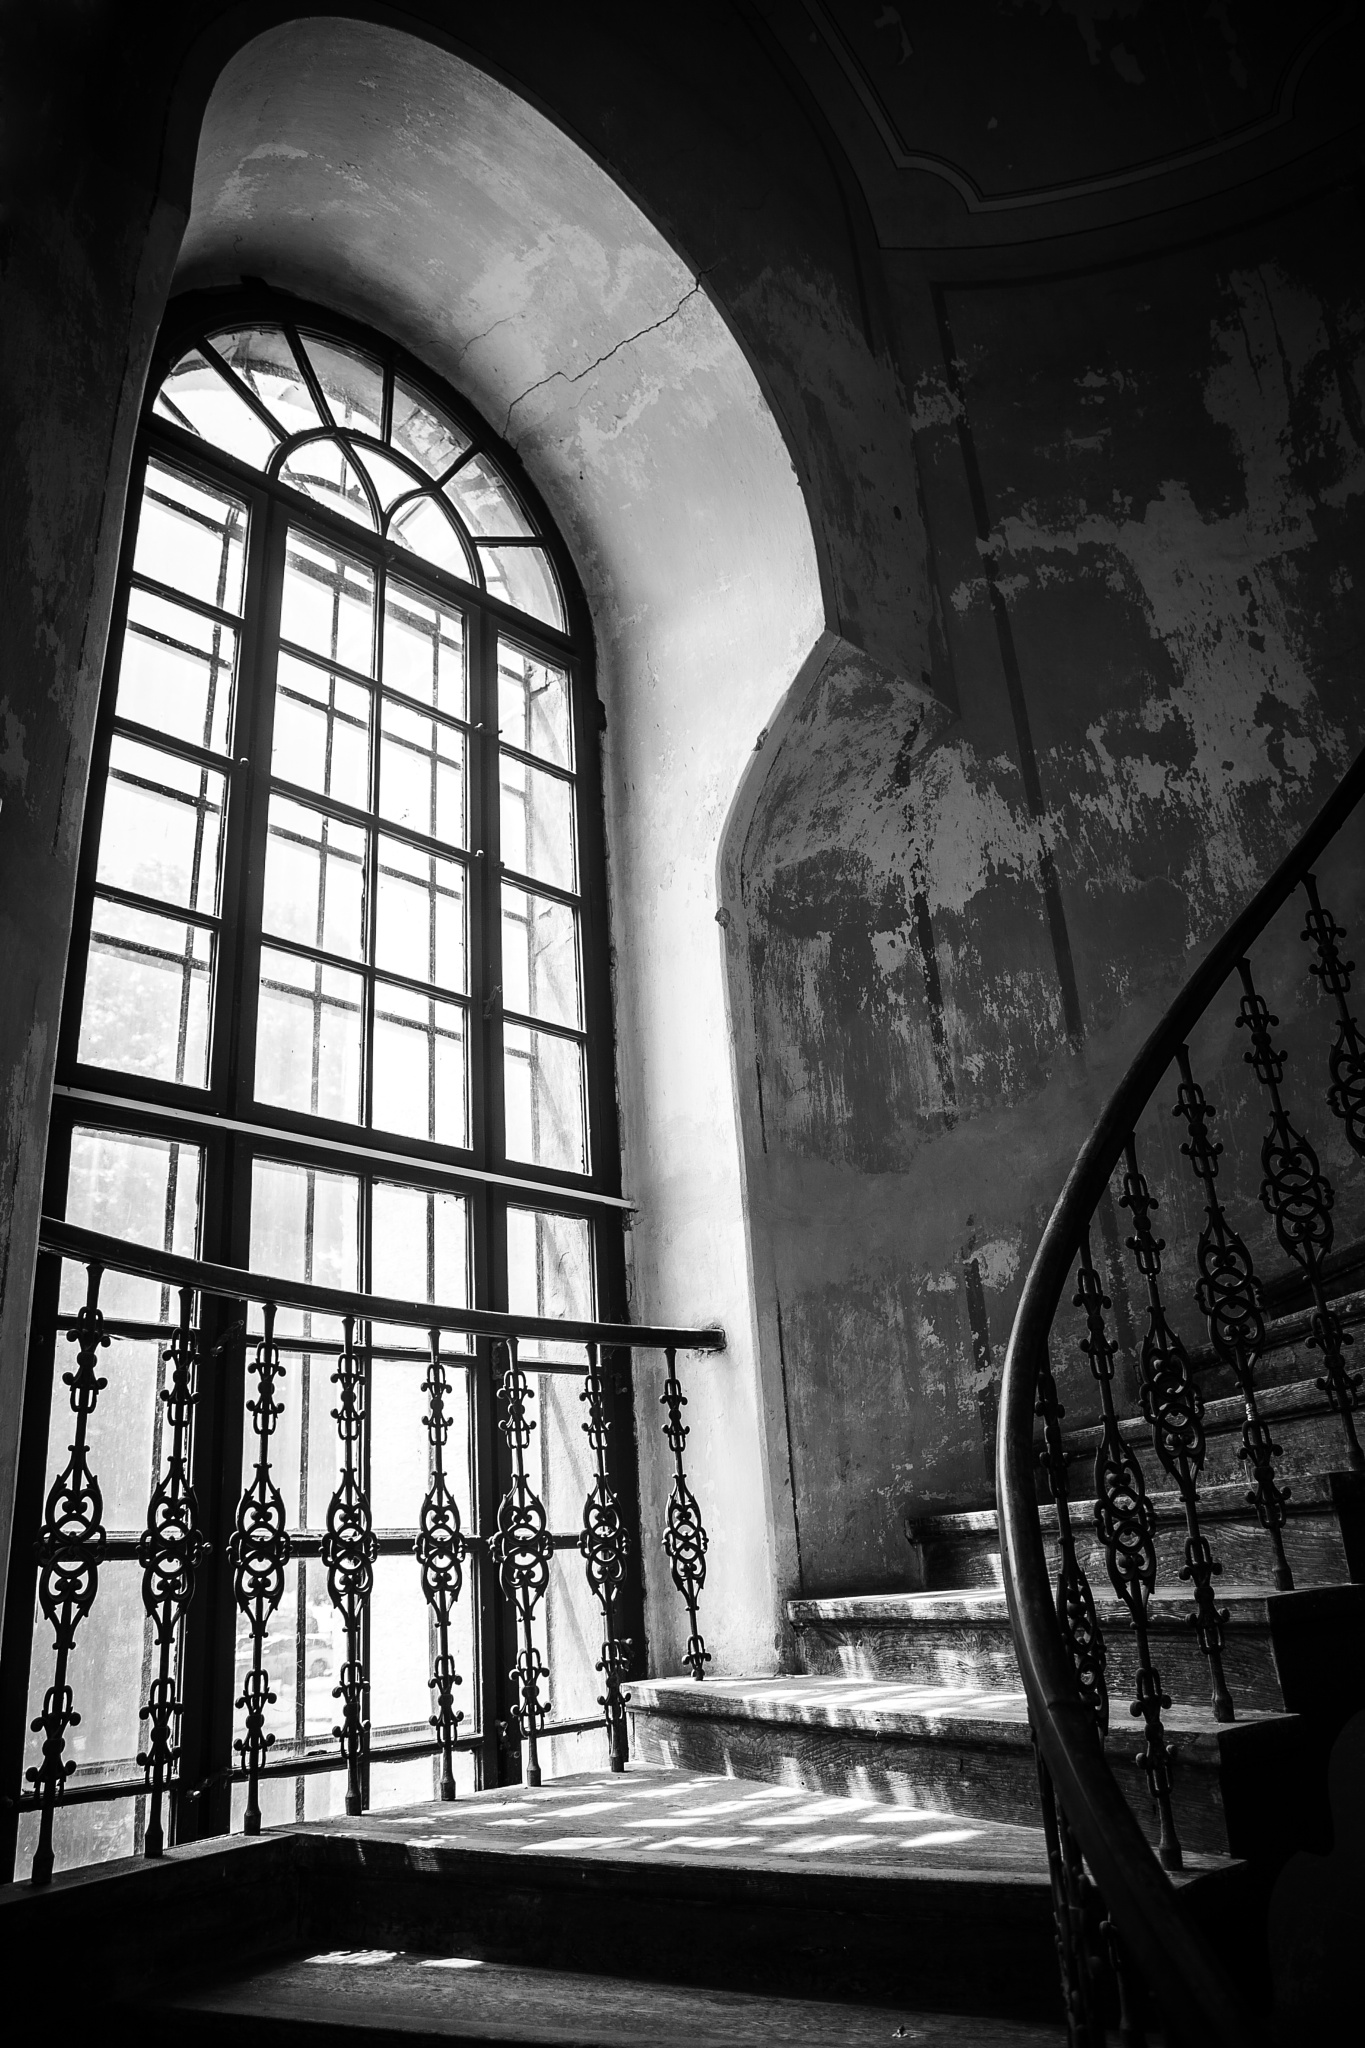 Window by Peter Final